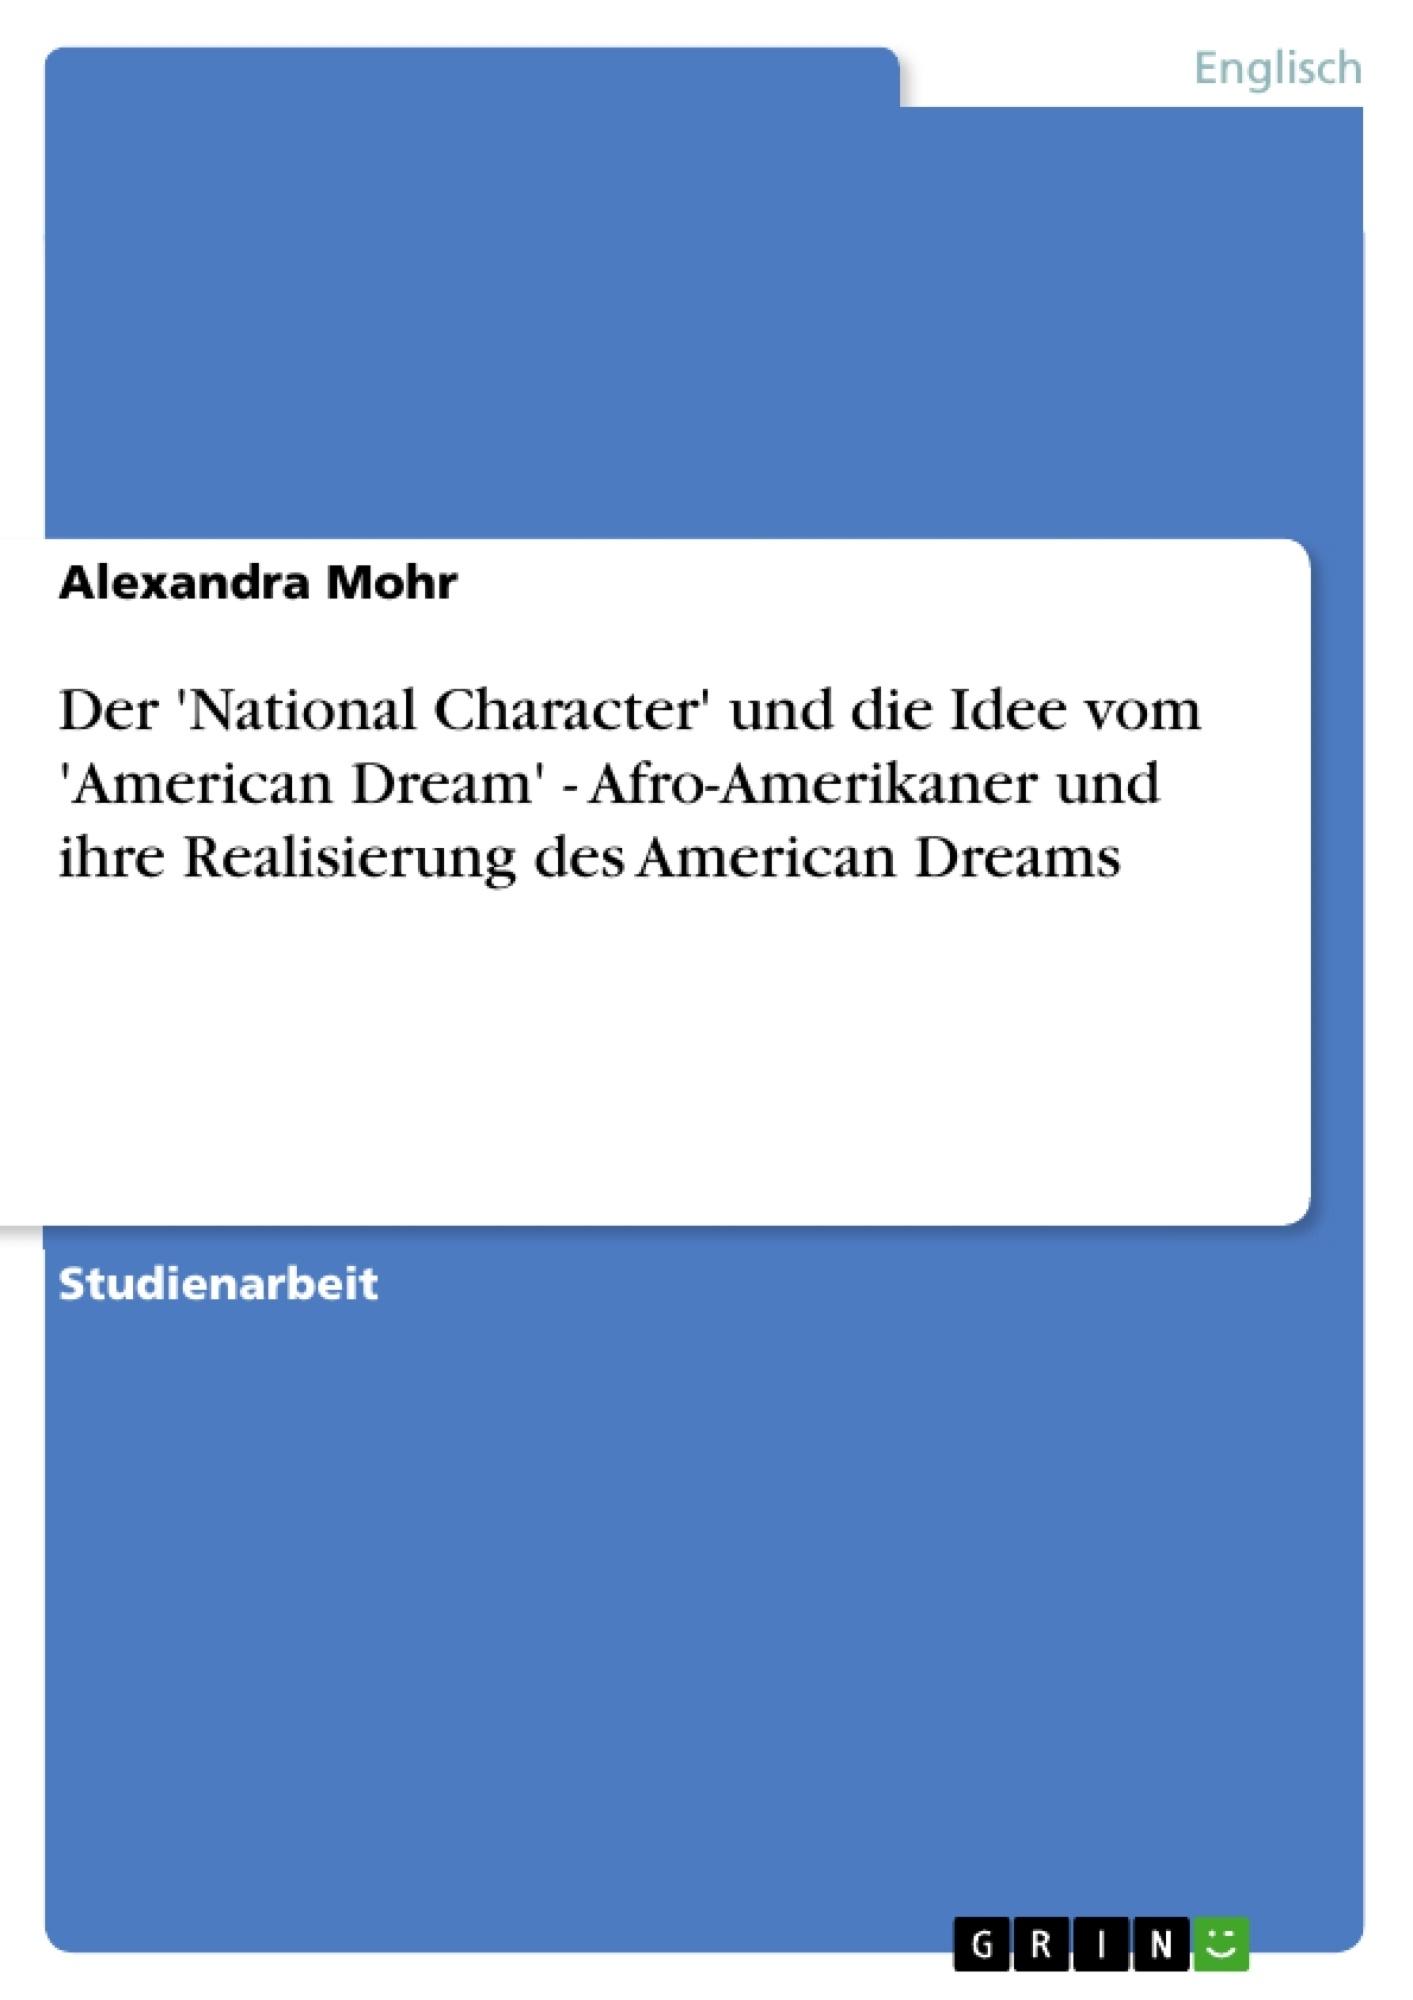 Titel: Der 'National Character' und die Idee vom 'American Dream' - Afro-Amerikaner und ihre Realisierung des American Dreams